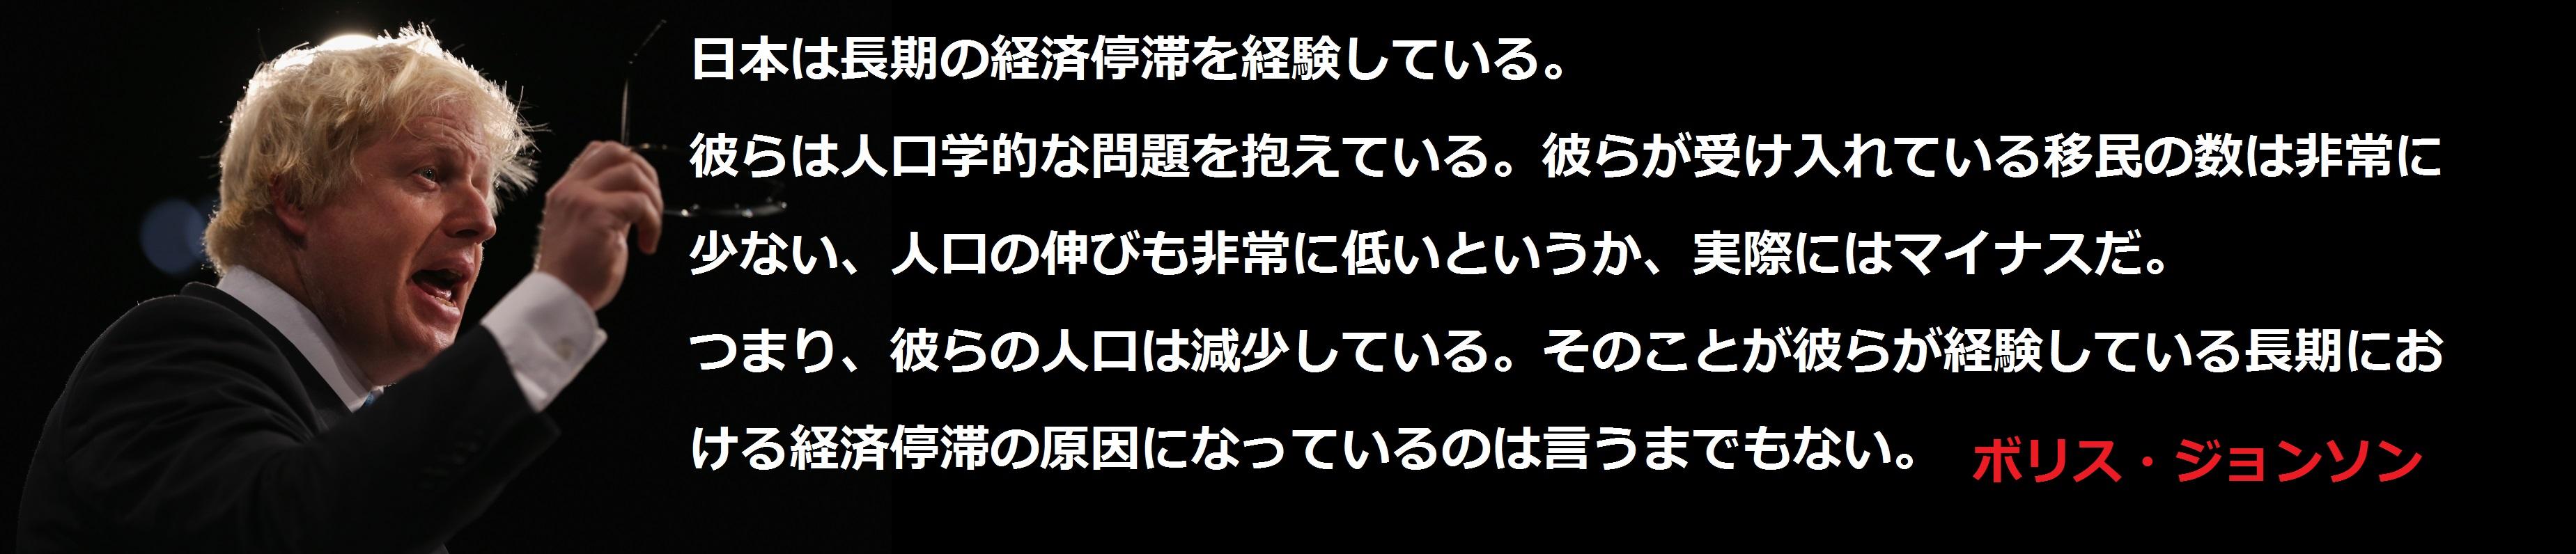 f:id:JAPbuster:20160513083219j:plain